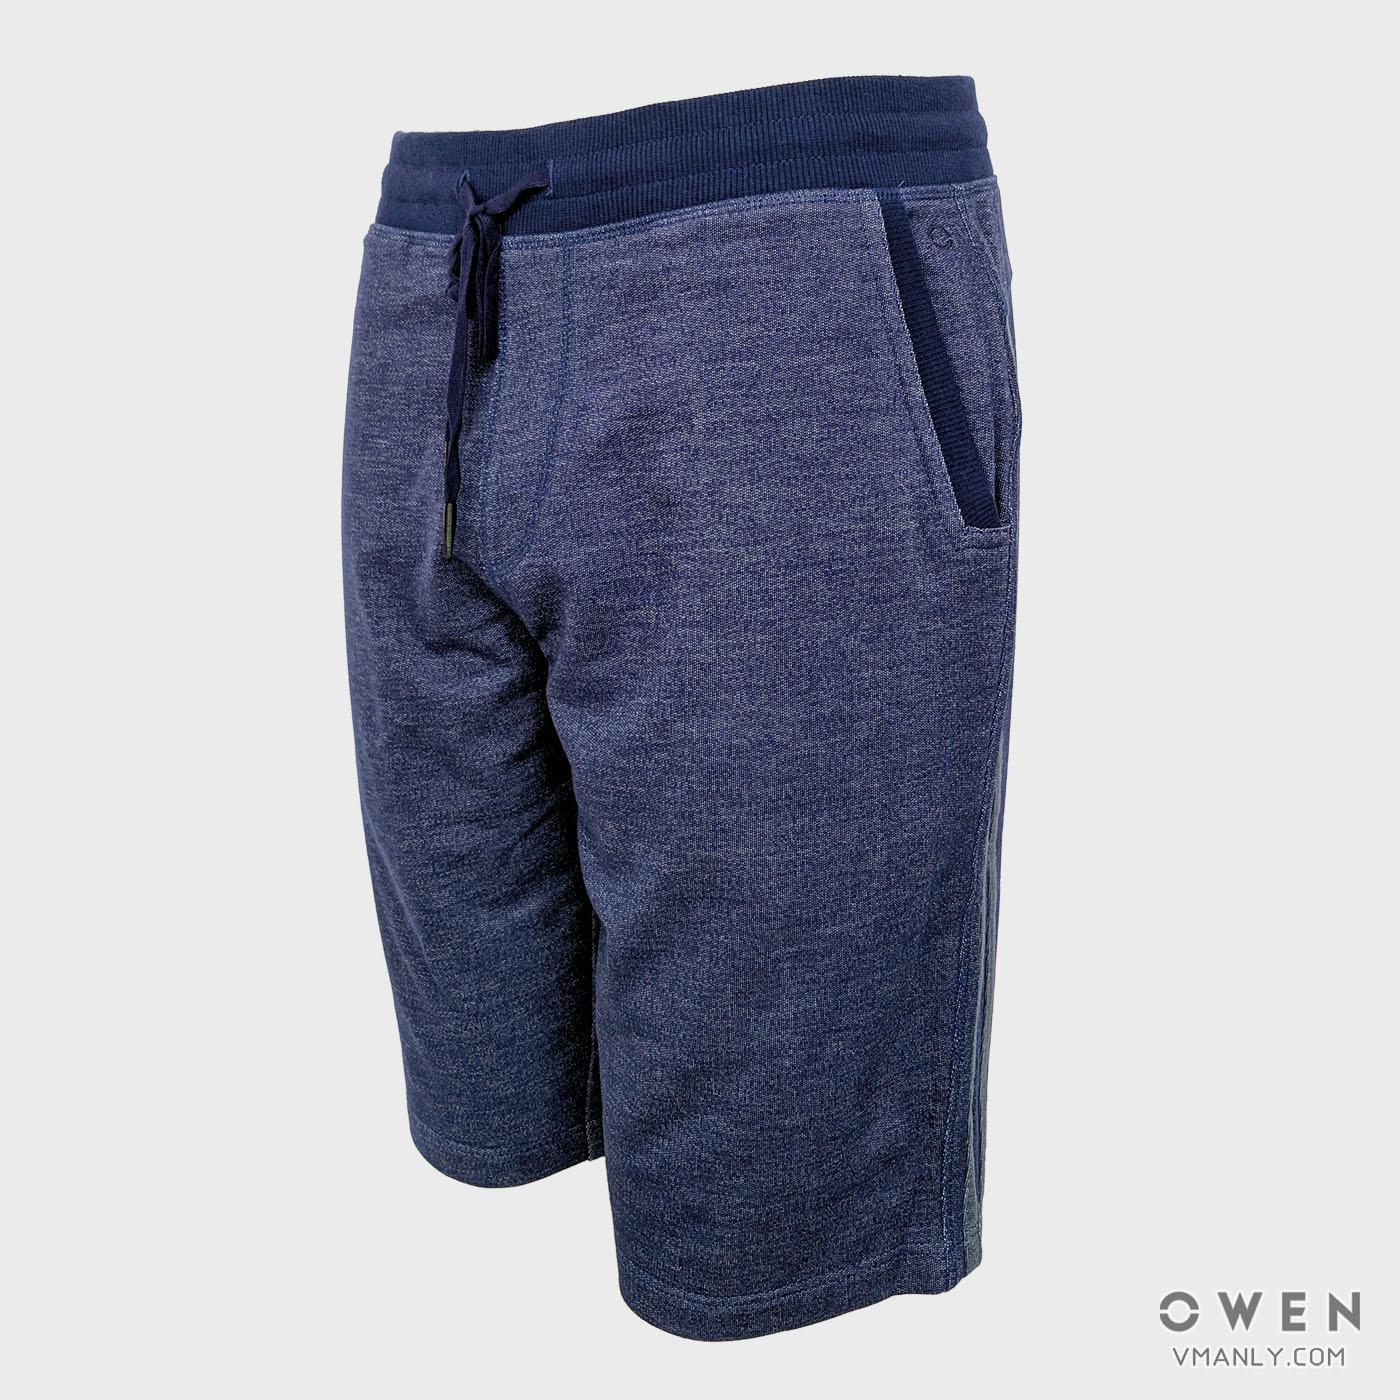 Quần short nam Owen màu xanh navy SKN18310-NA